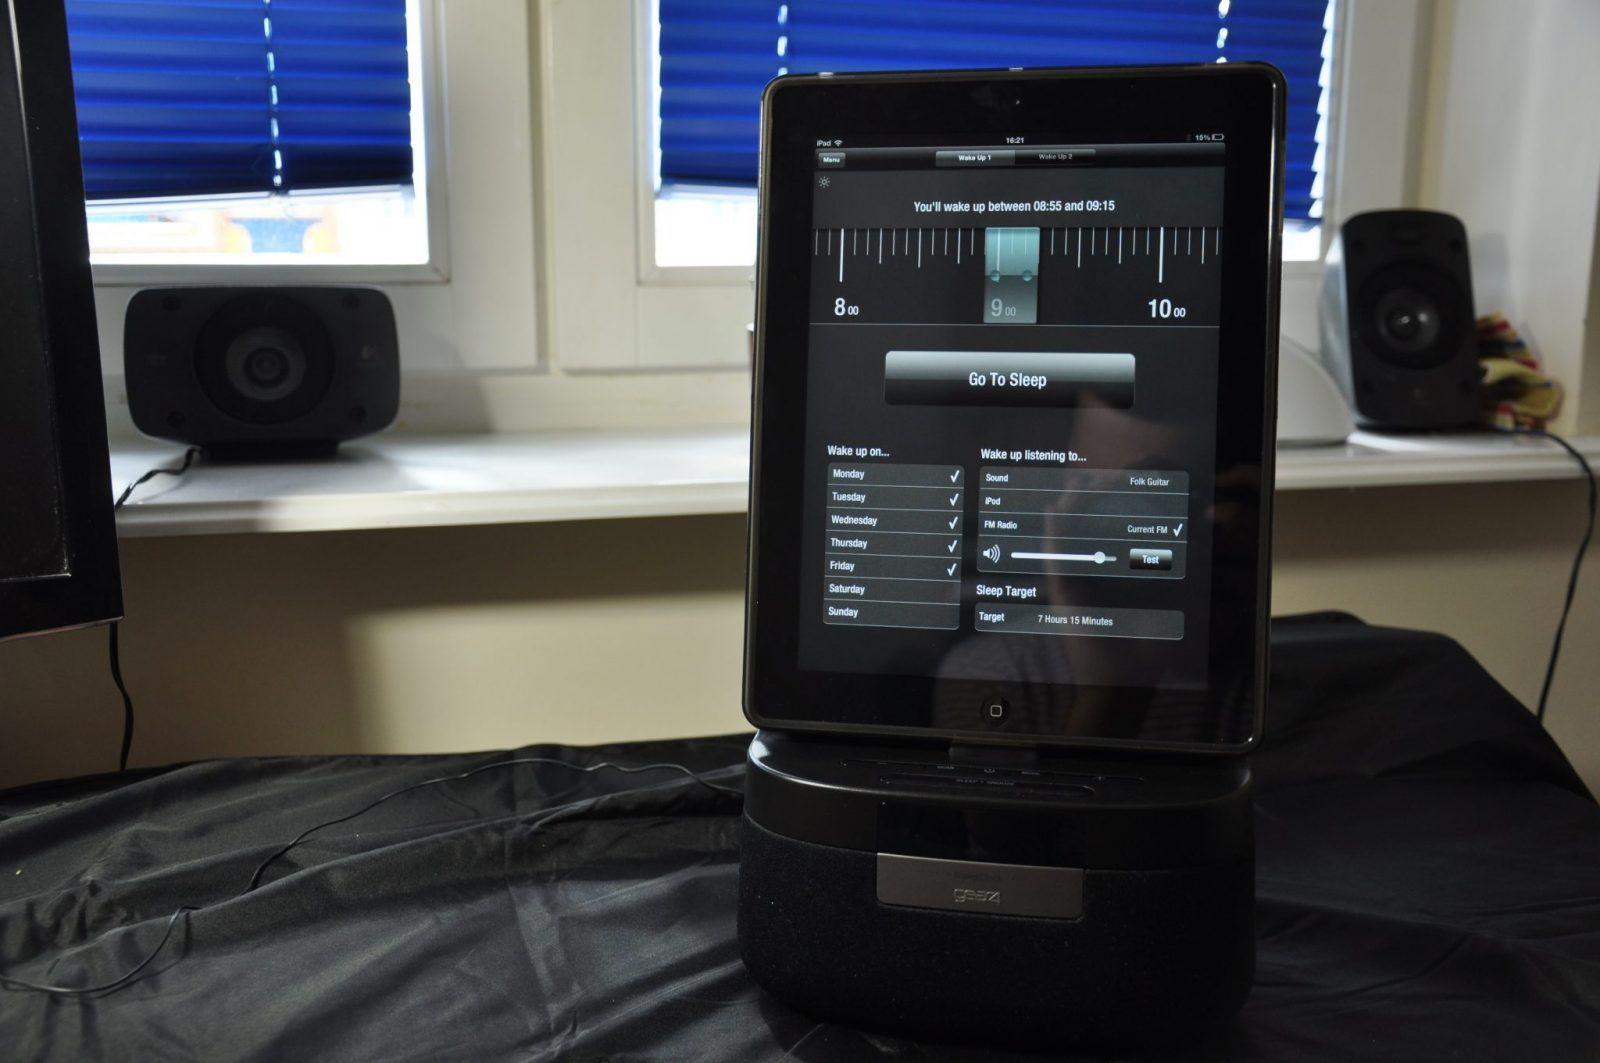 Recenzja: GEAR4 Renew Speel Clock – iBudzik z radiem i monitorem snu